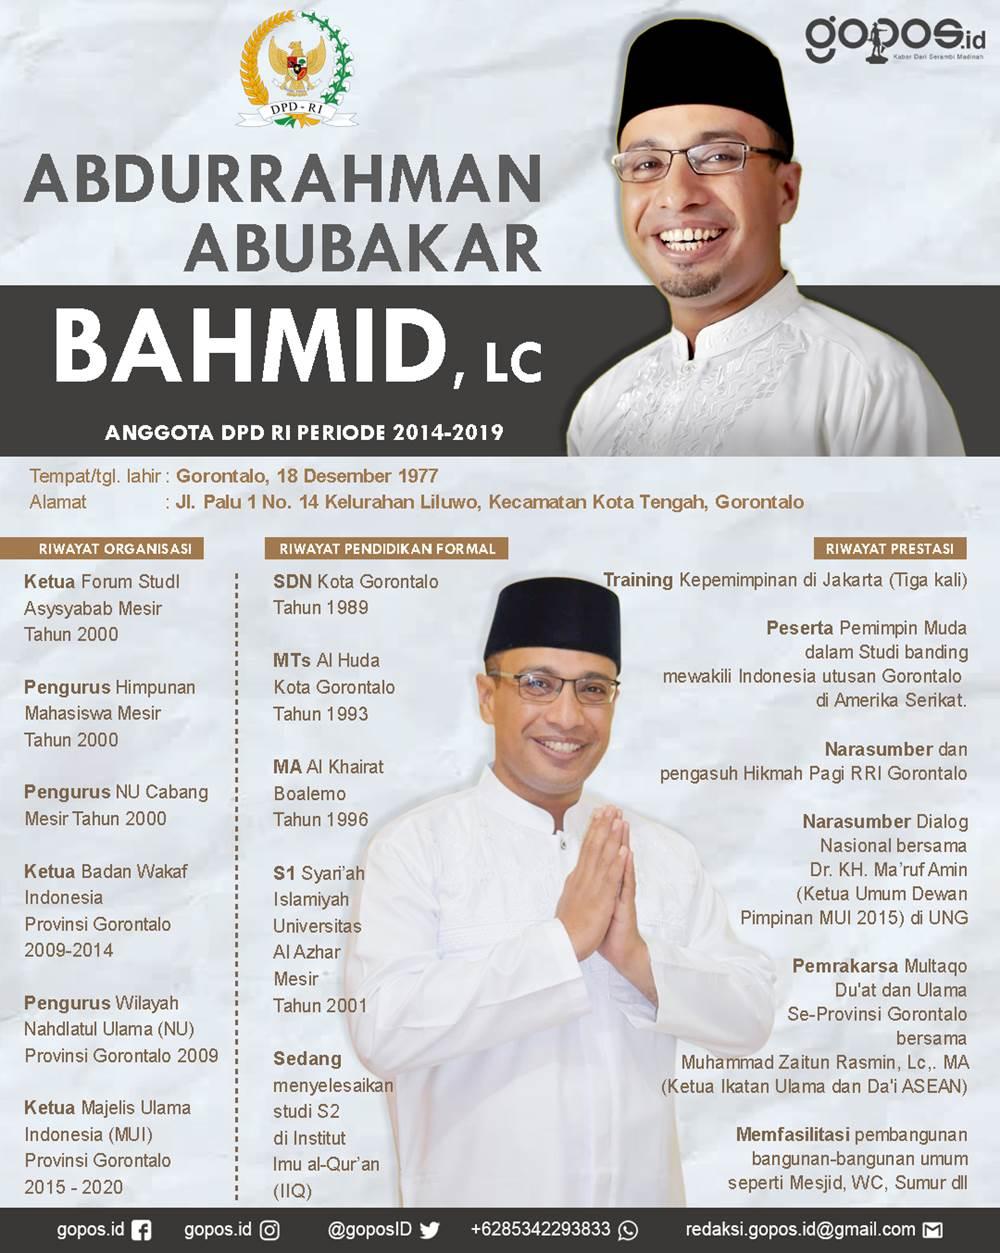 Abdurrahman Abubakar Bahmid